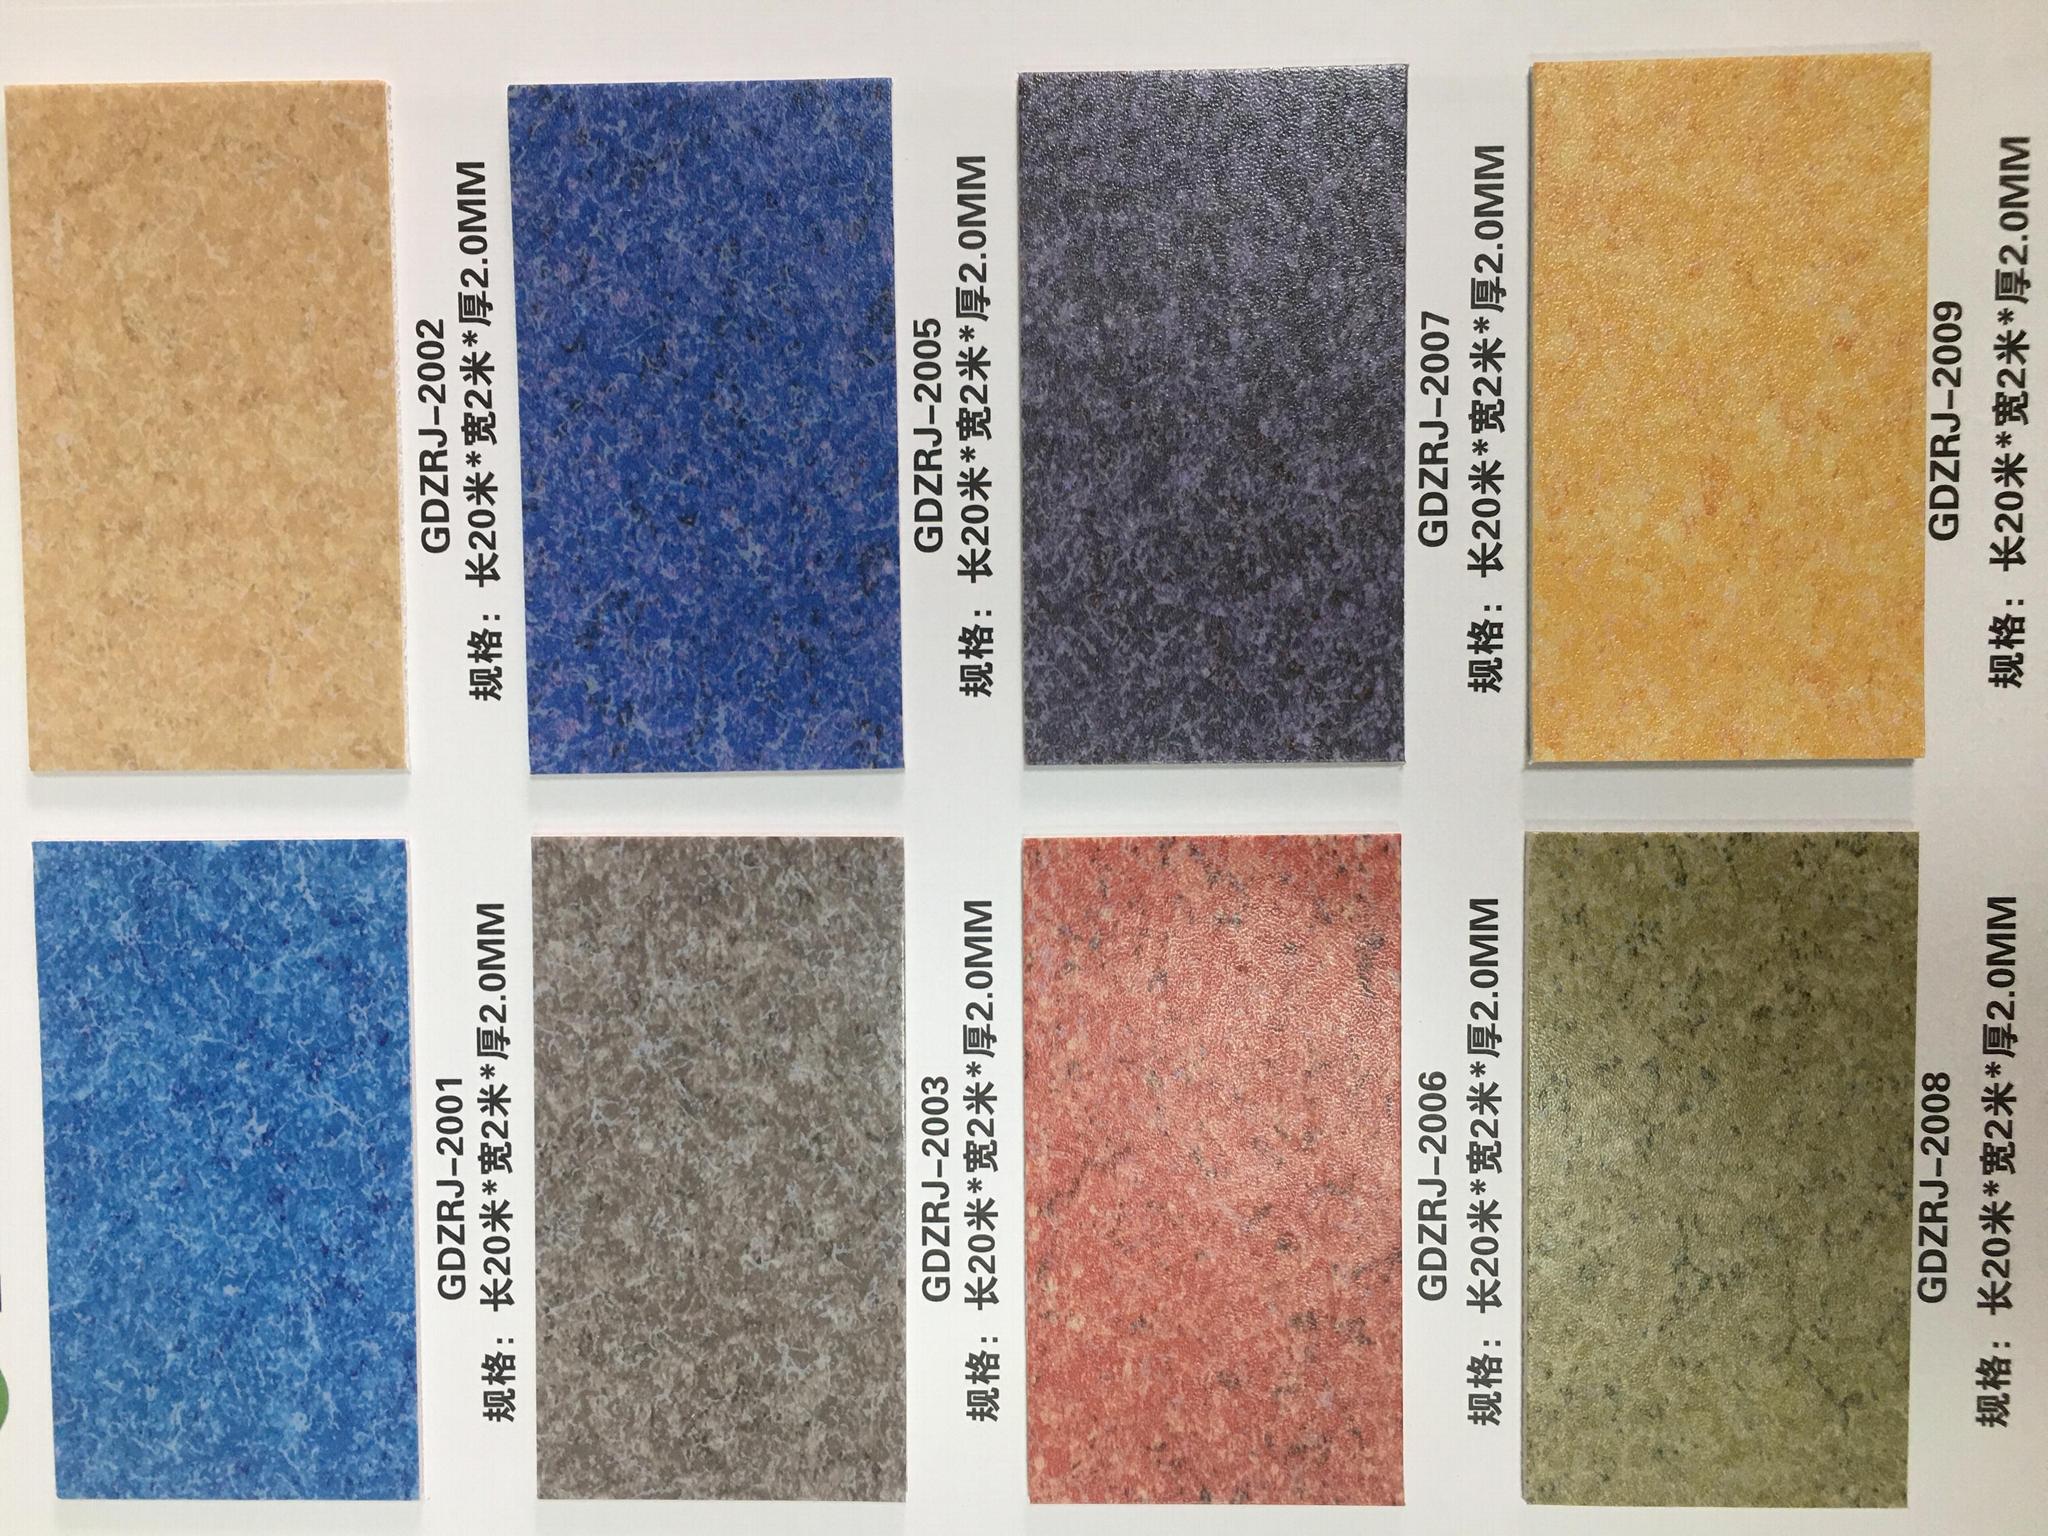 生產批發PVC塑膠地板,使用商場/健身房/學校 4